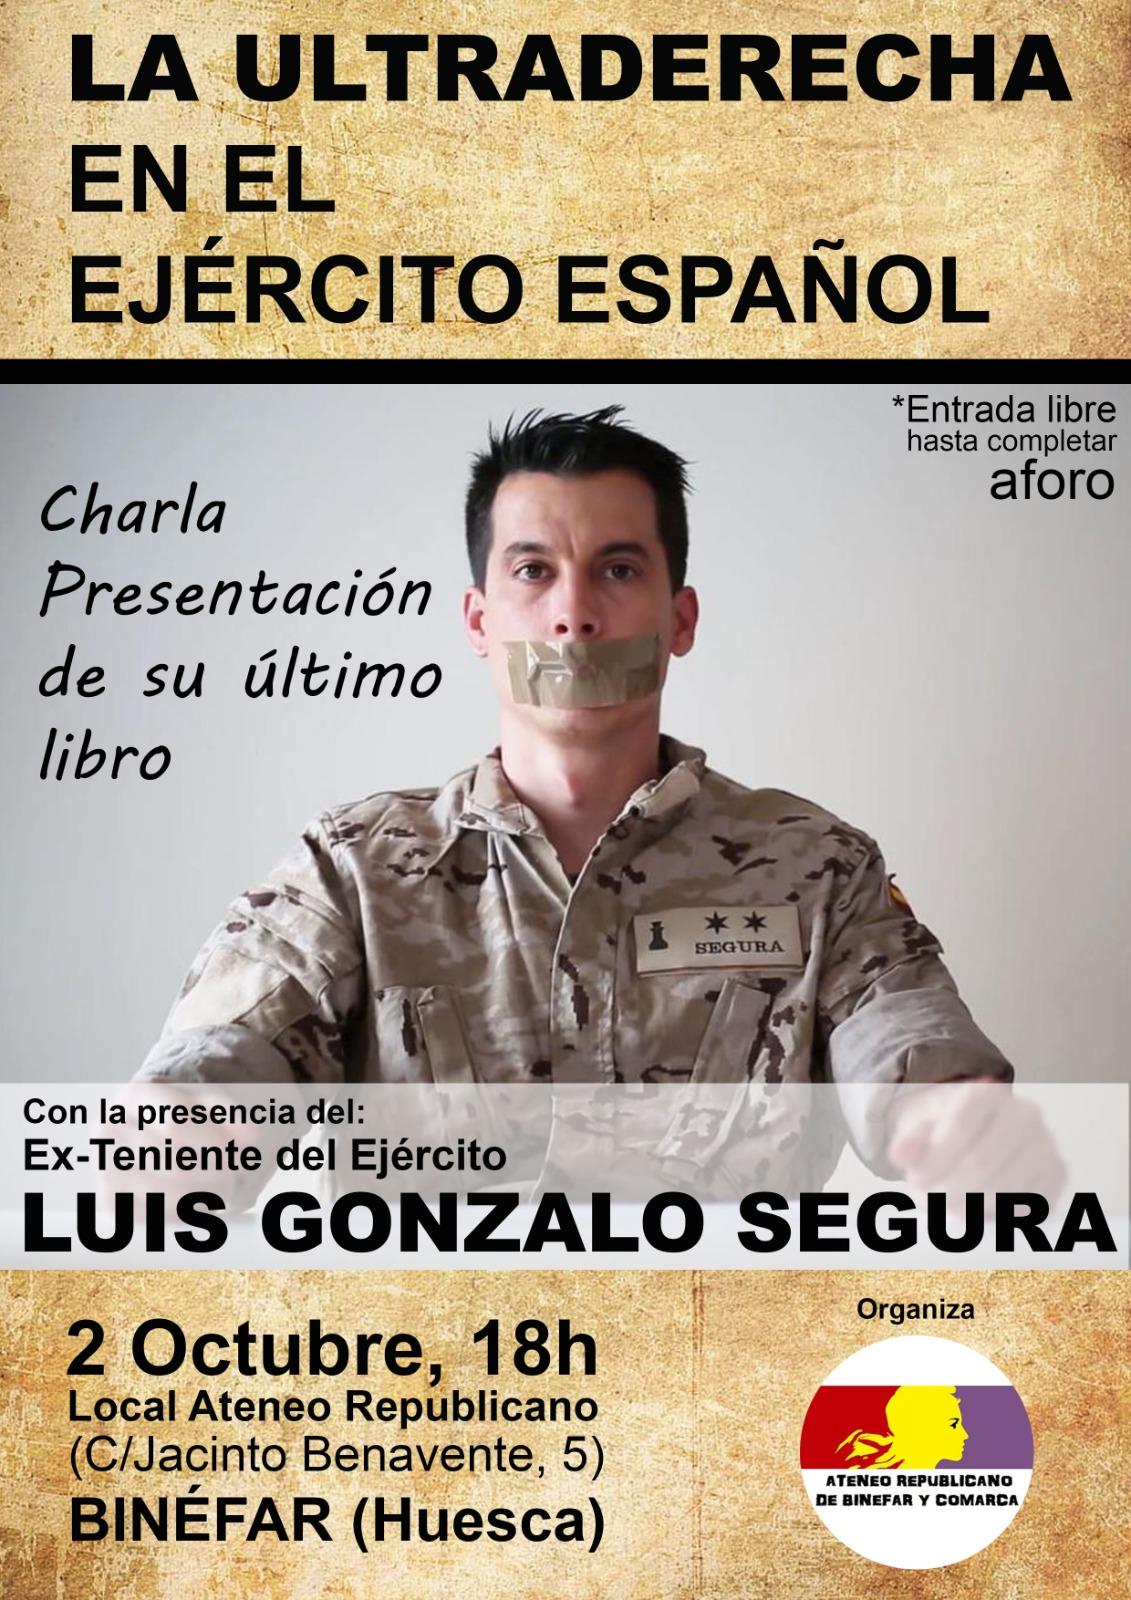 La ultraderecha en el ejército español. Charla en Binéfar. Sábado 2 de octubre